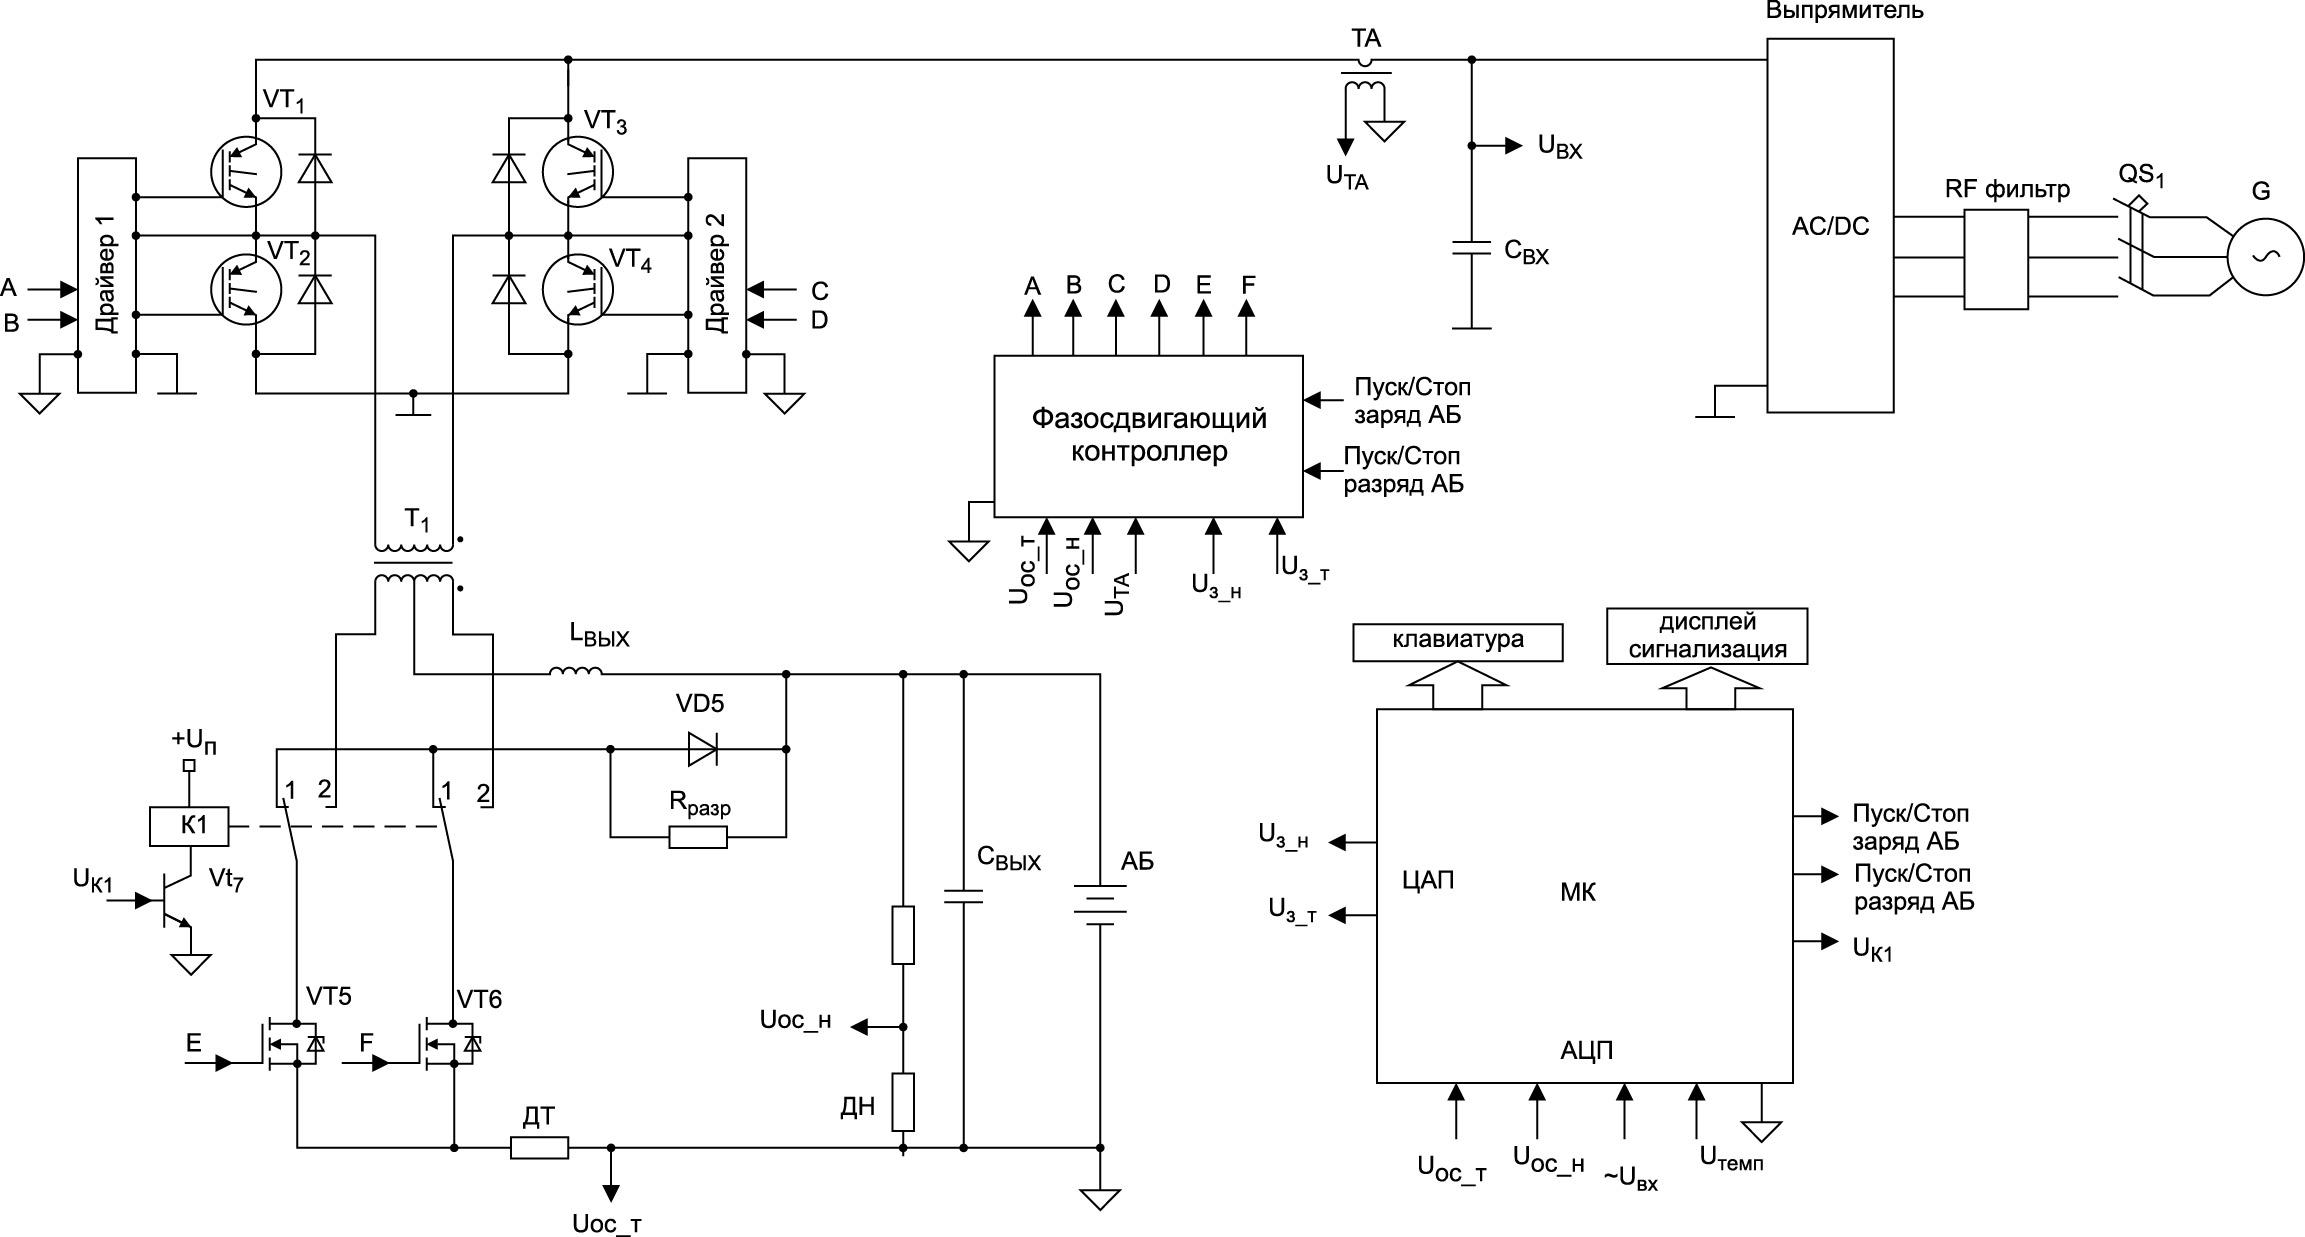 Схема зарядно-разрядного модуля, работающего от дизельной электростанции